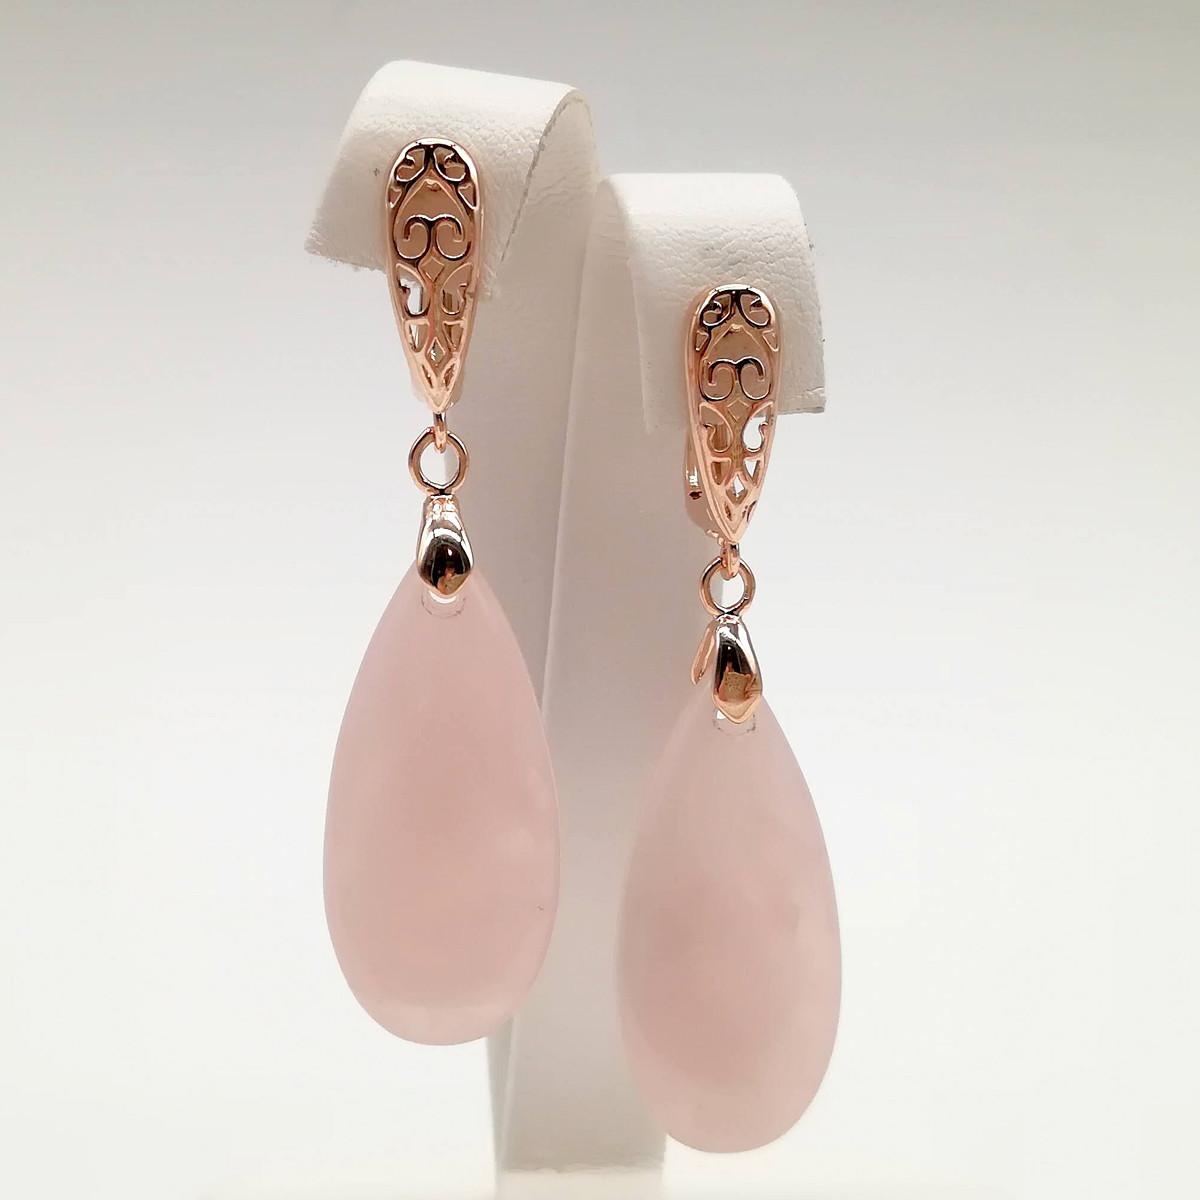 Серьги SONATA из медицинского золота, натуральный камень (розовый кварц), позолота PO, 24819               (1)